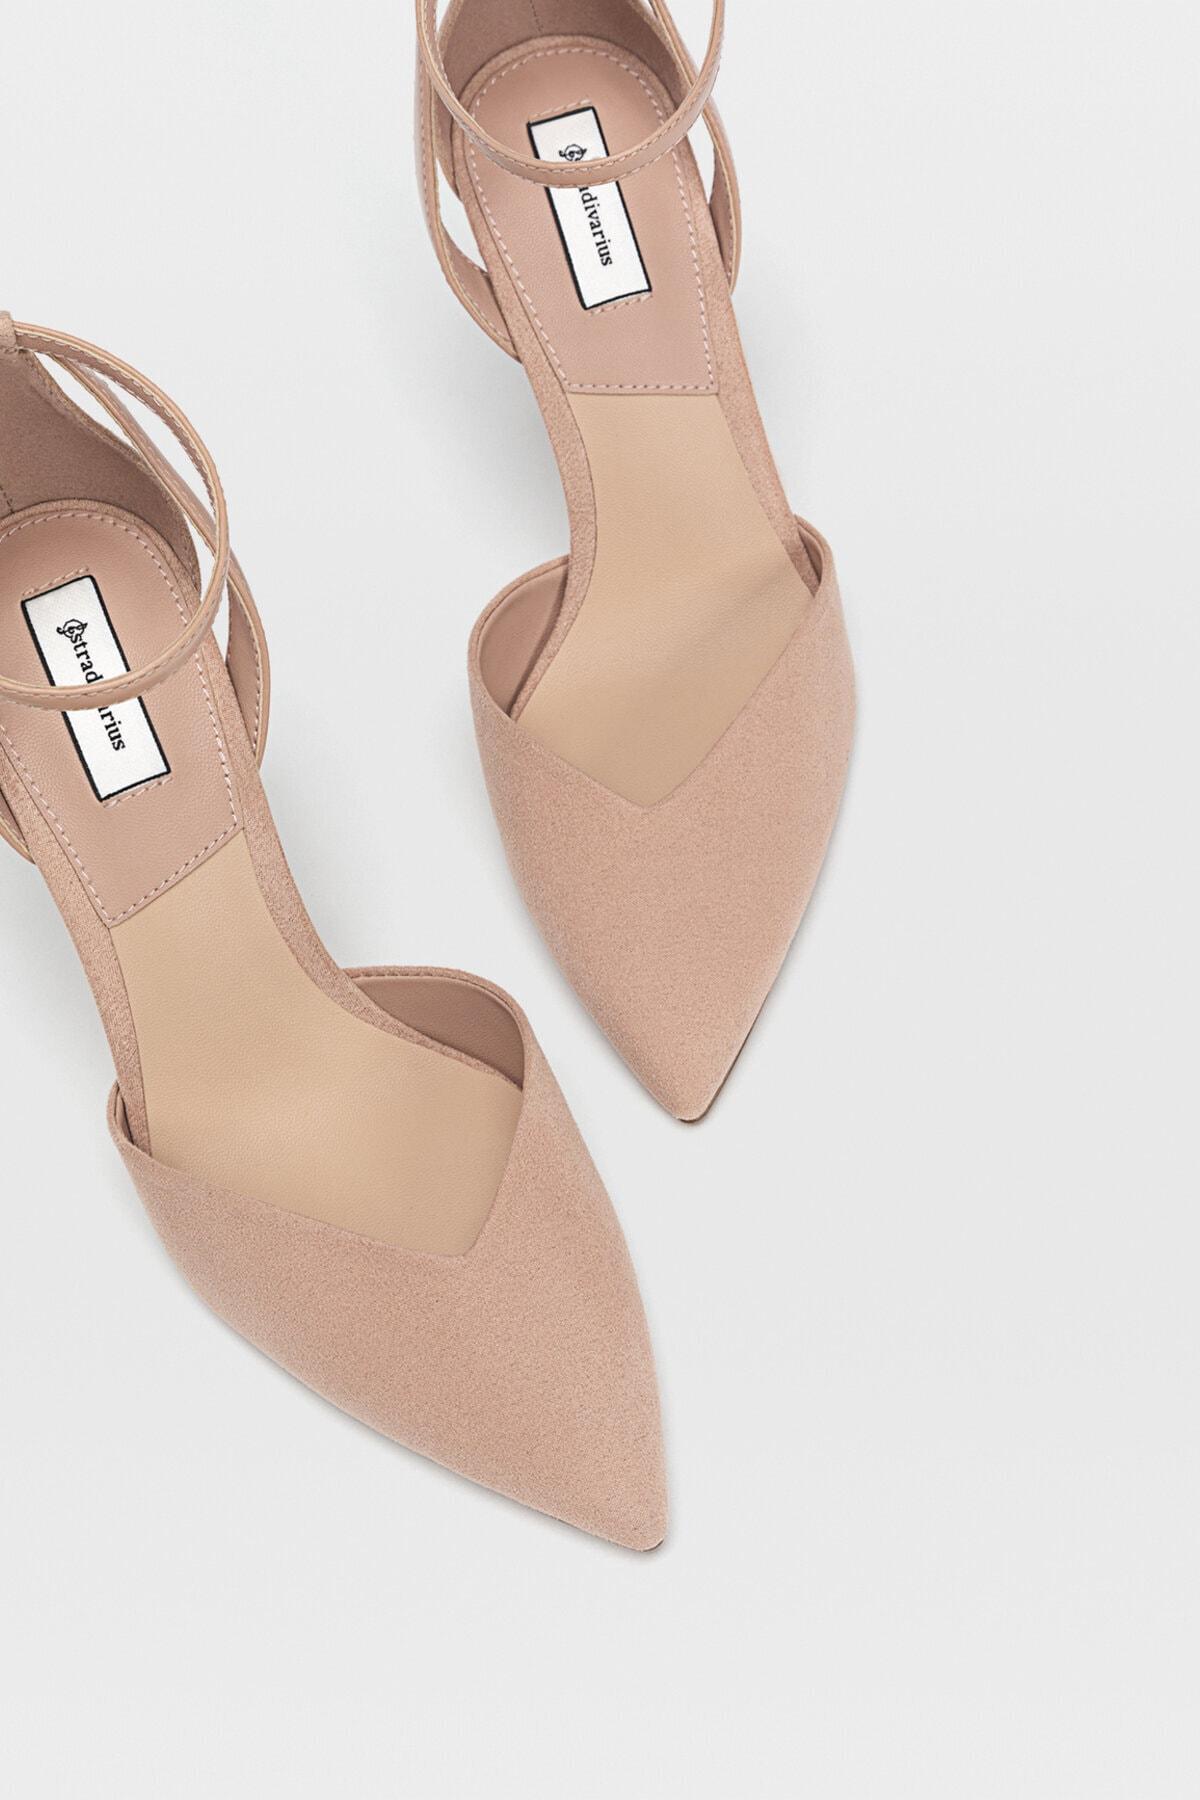 Stradivarius Kadın Pudra Bilekten Bantlı Yüksek Topuklu Ayakkabı 19153770 2